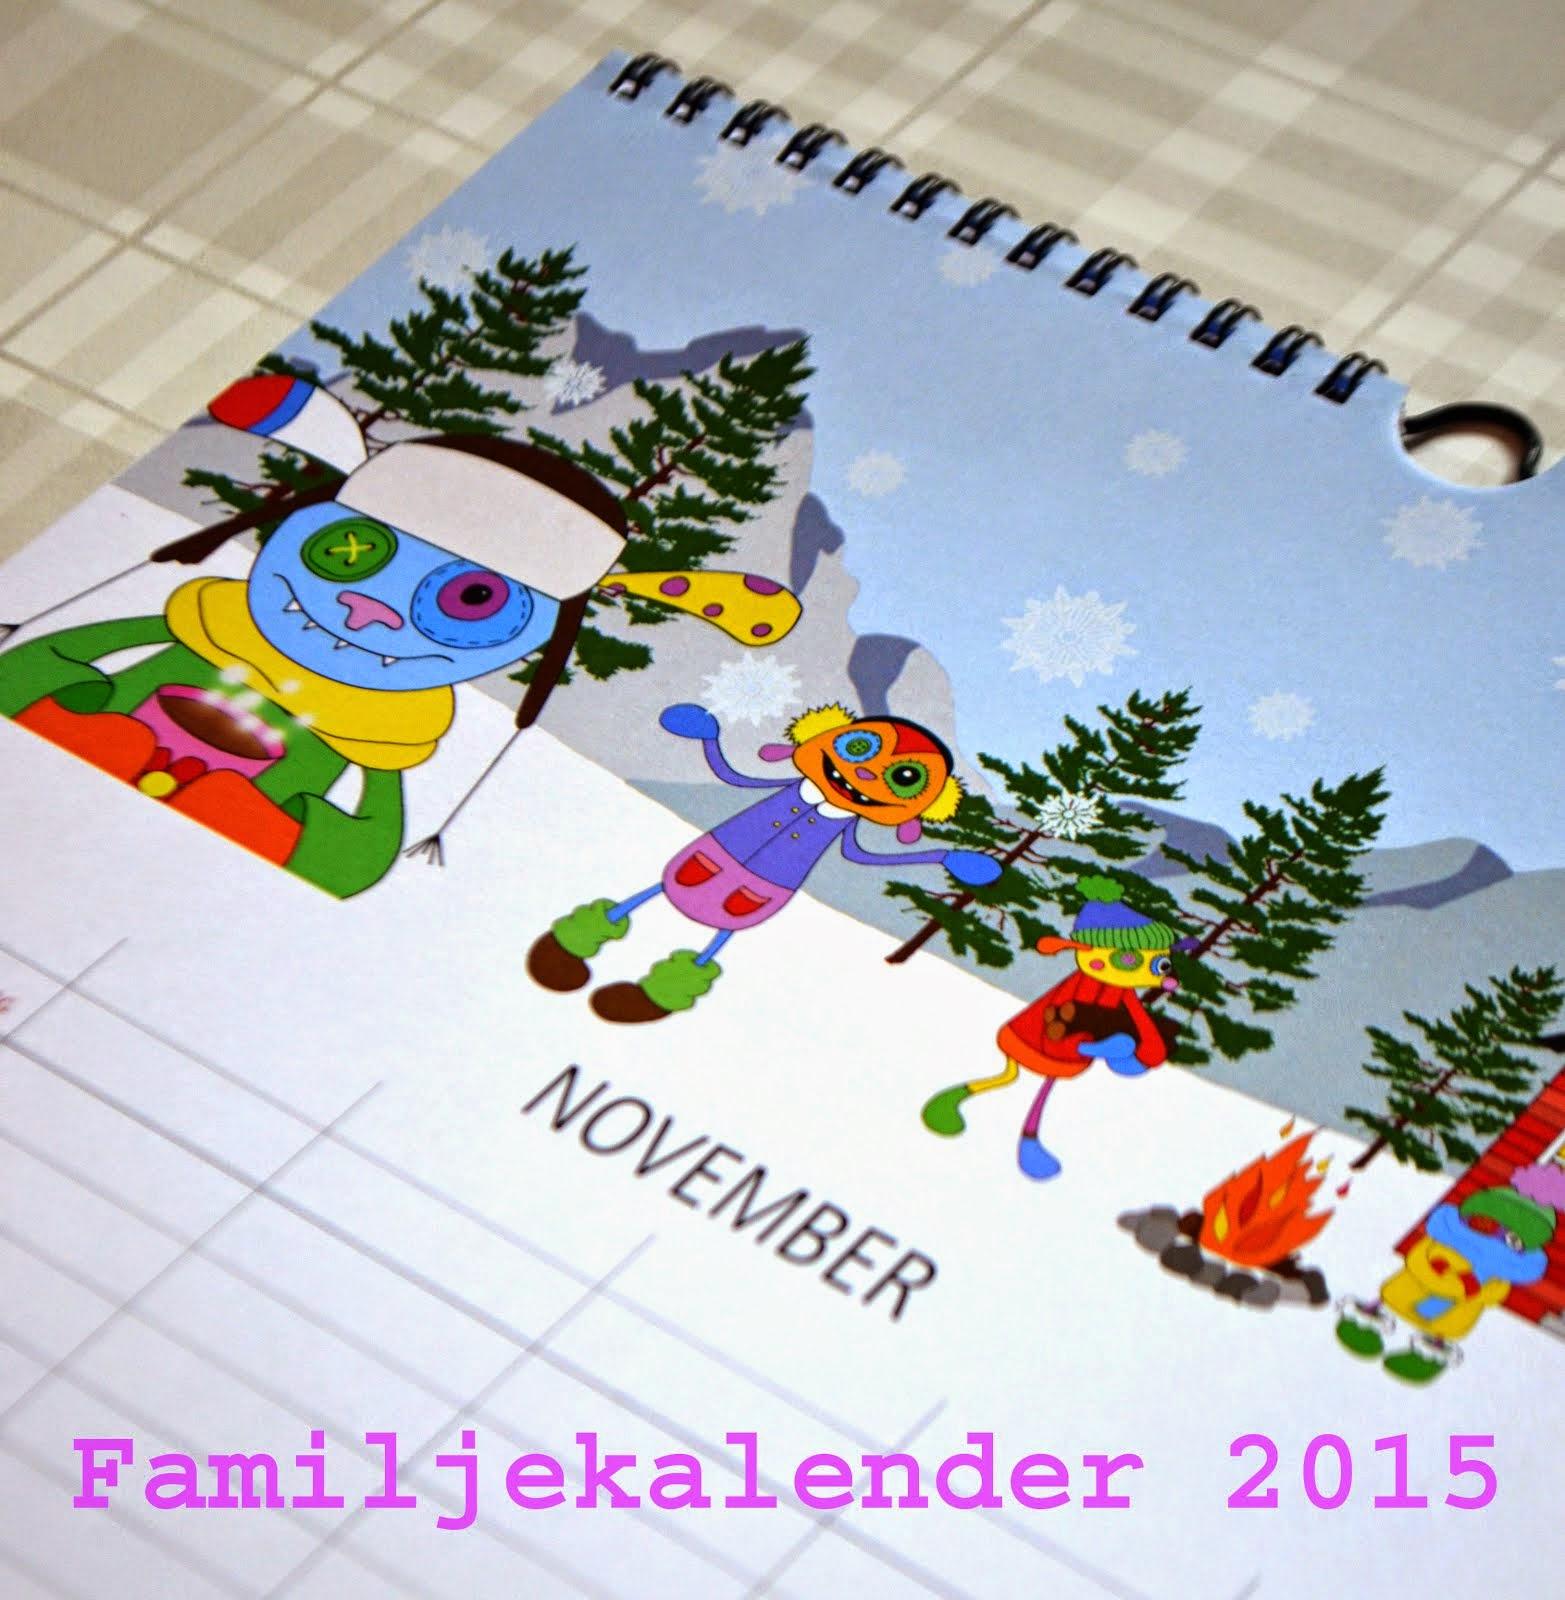 KÖP FAMILJEKALENDER 2015